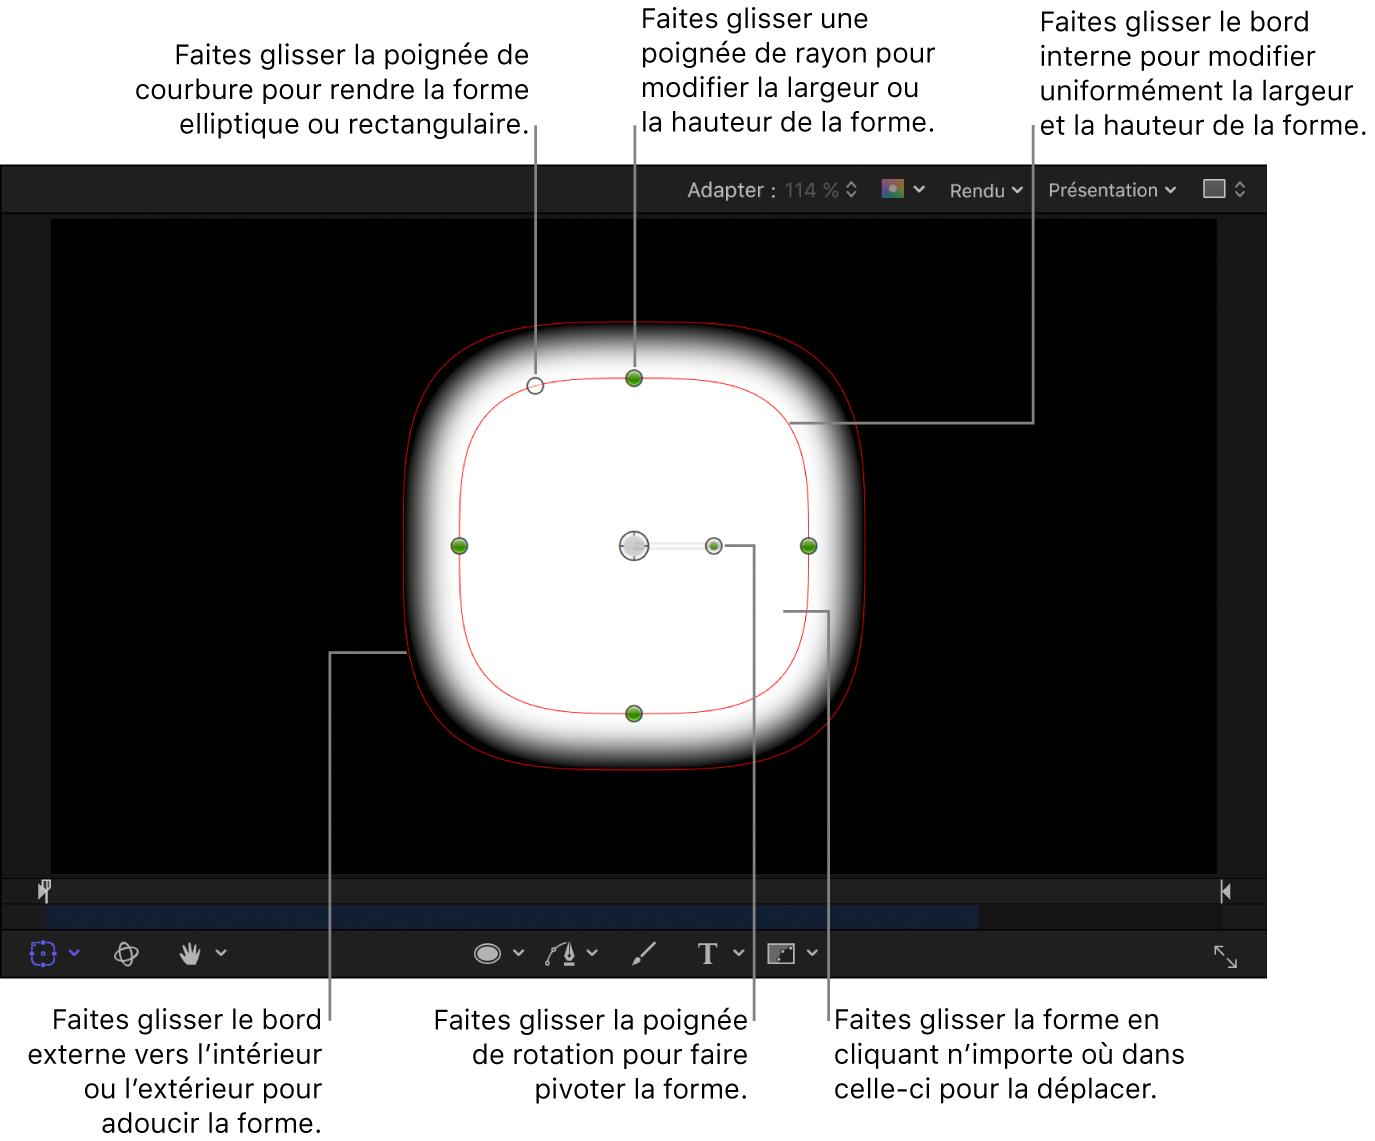 Commandes à l'écran permettant de régler la taille, l'adoucissement des bords, la courbure et la rotation d'une forme simple